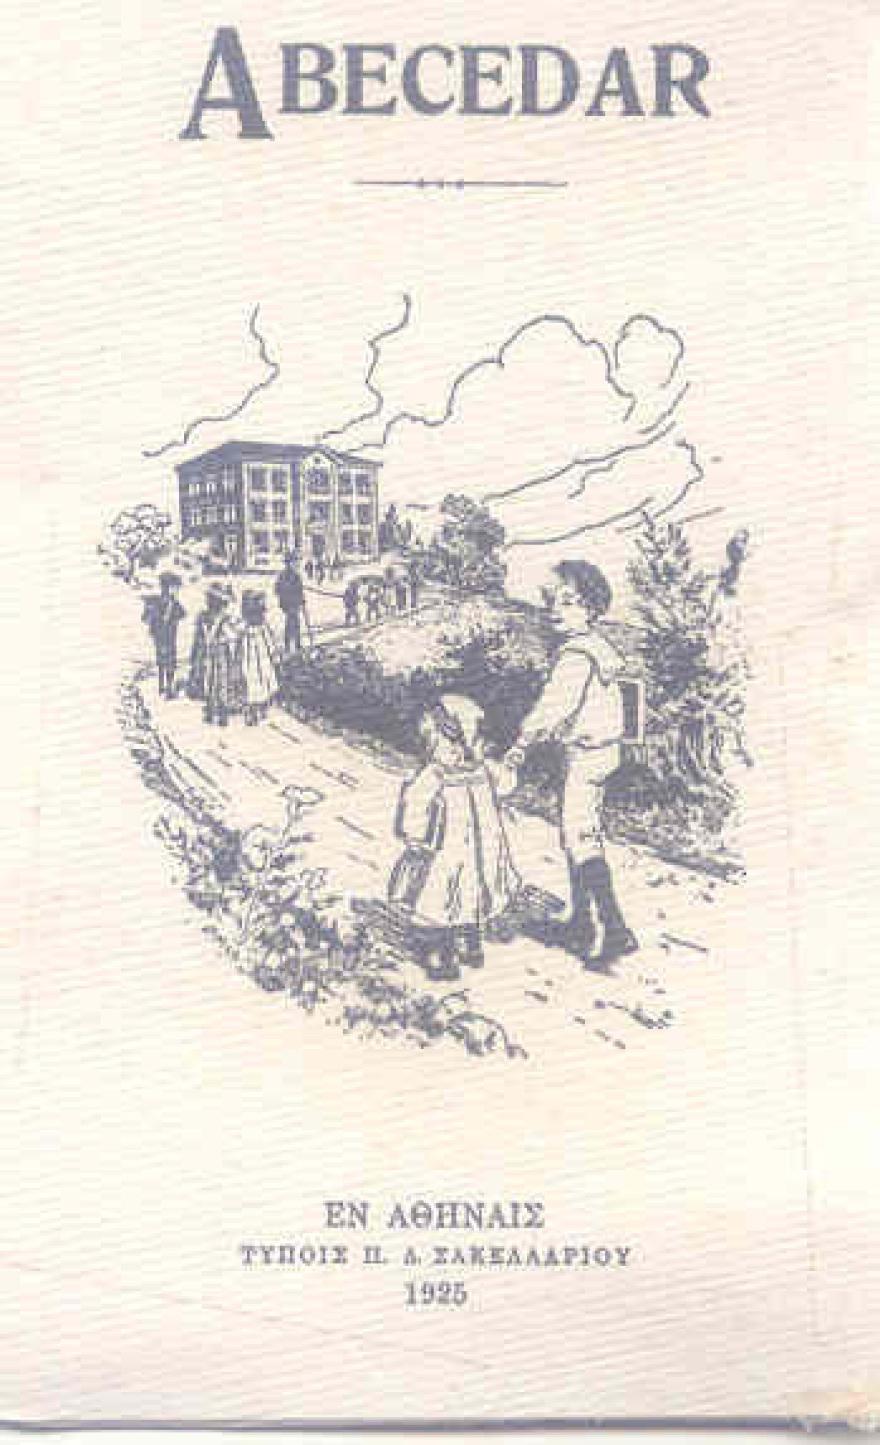 MK-book_1925_